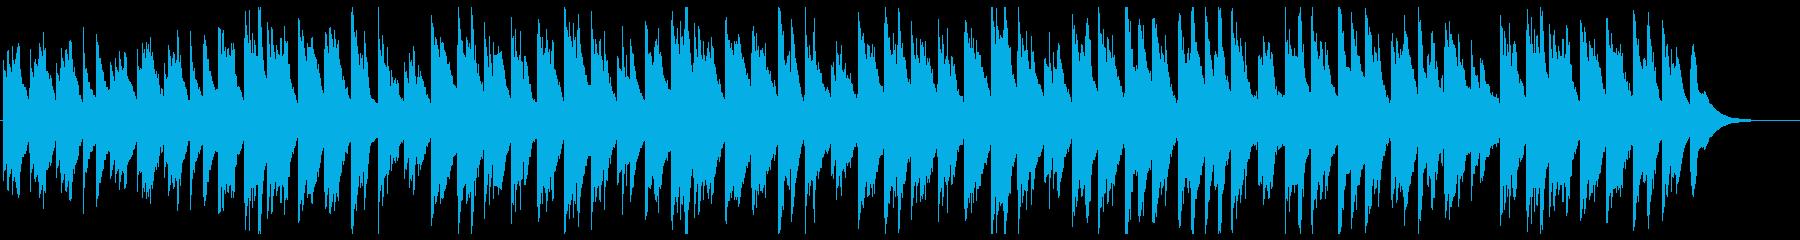 琴とシンセが奏でるヒーリングミュージックの再生済みの波形